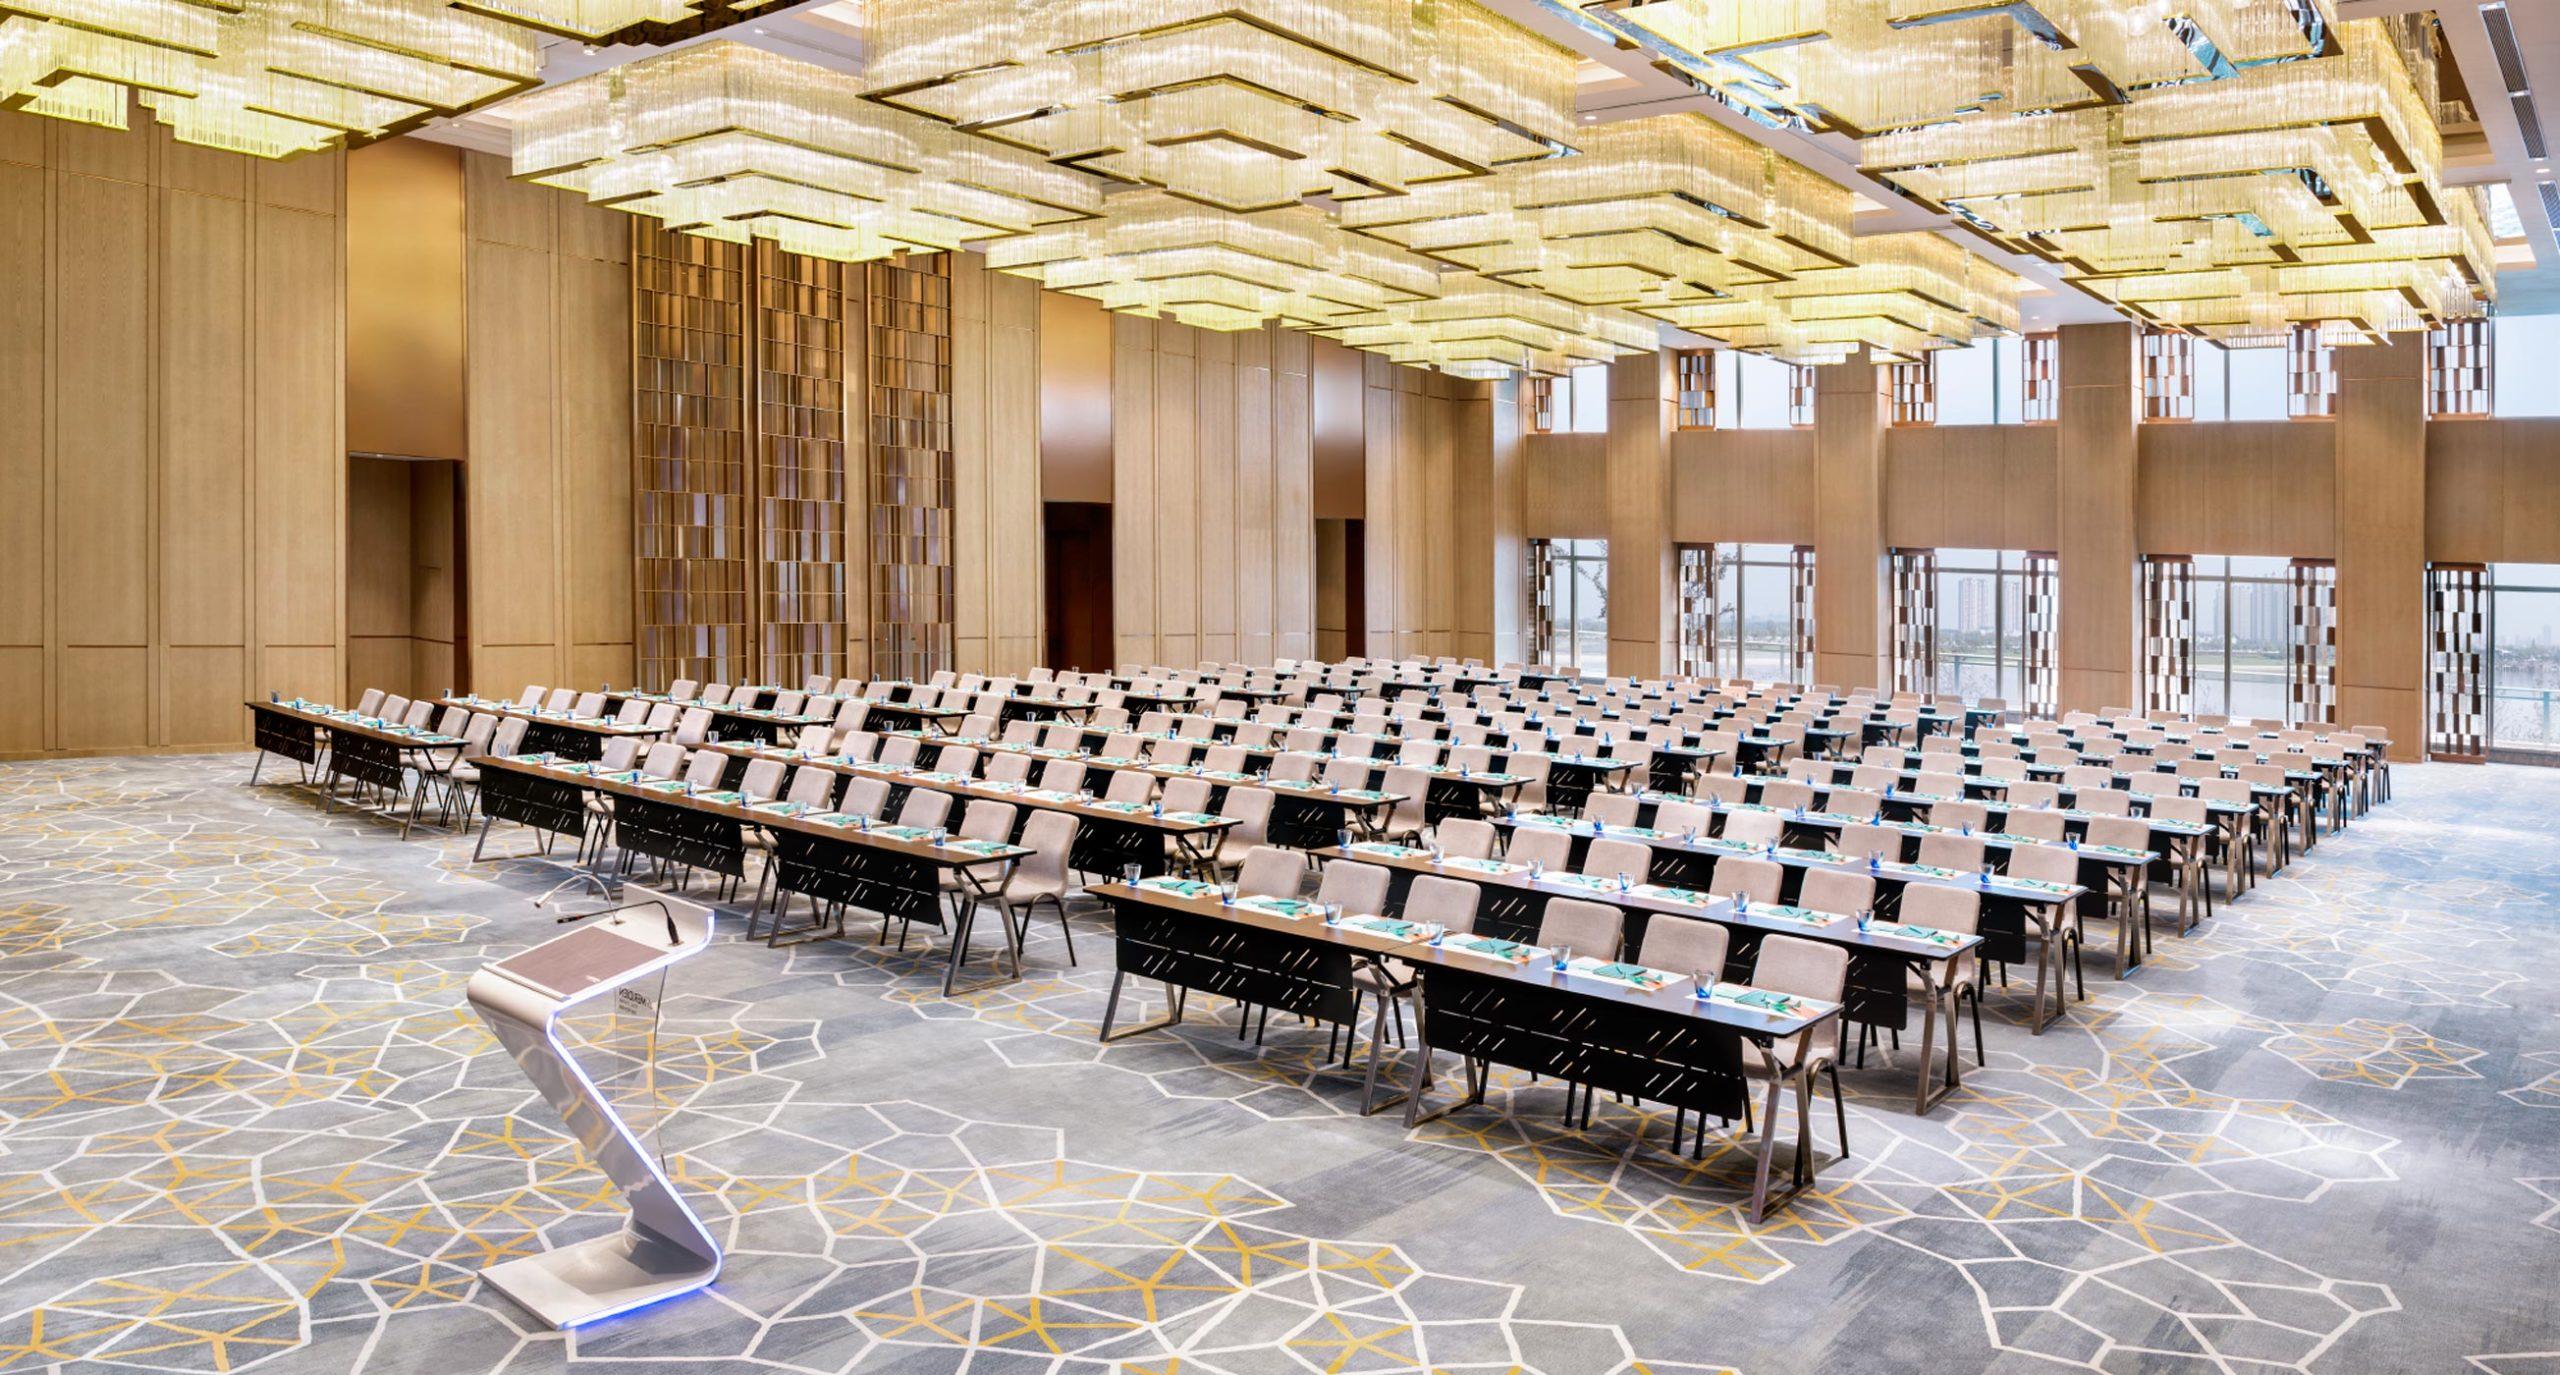 MER_XIYMD_Ballroom_Classroom_04